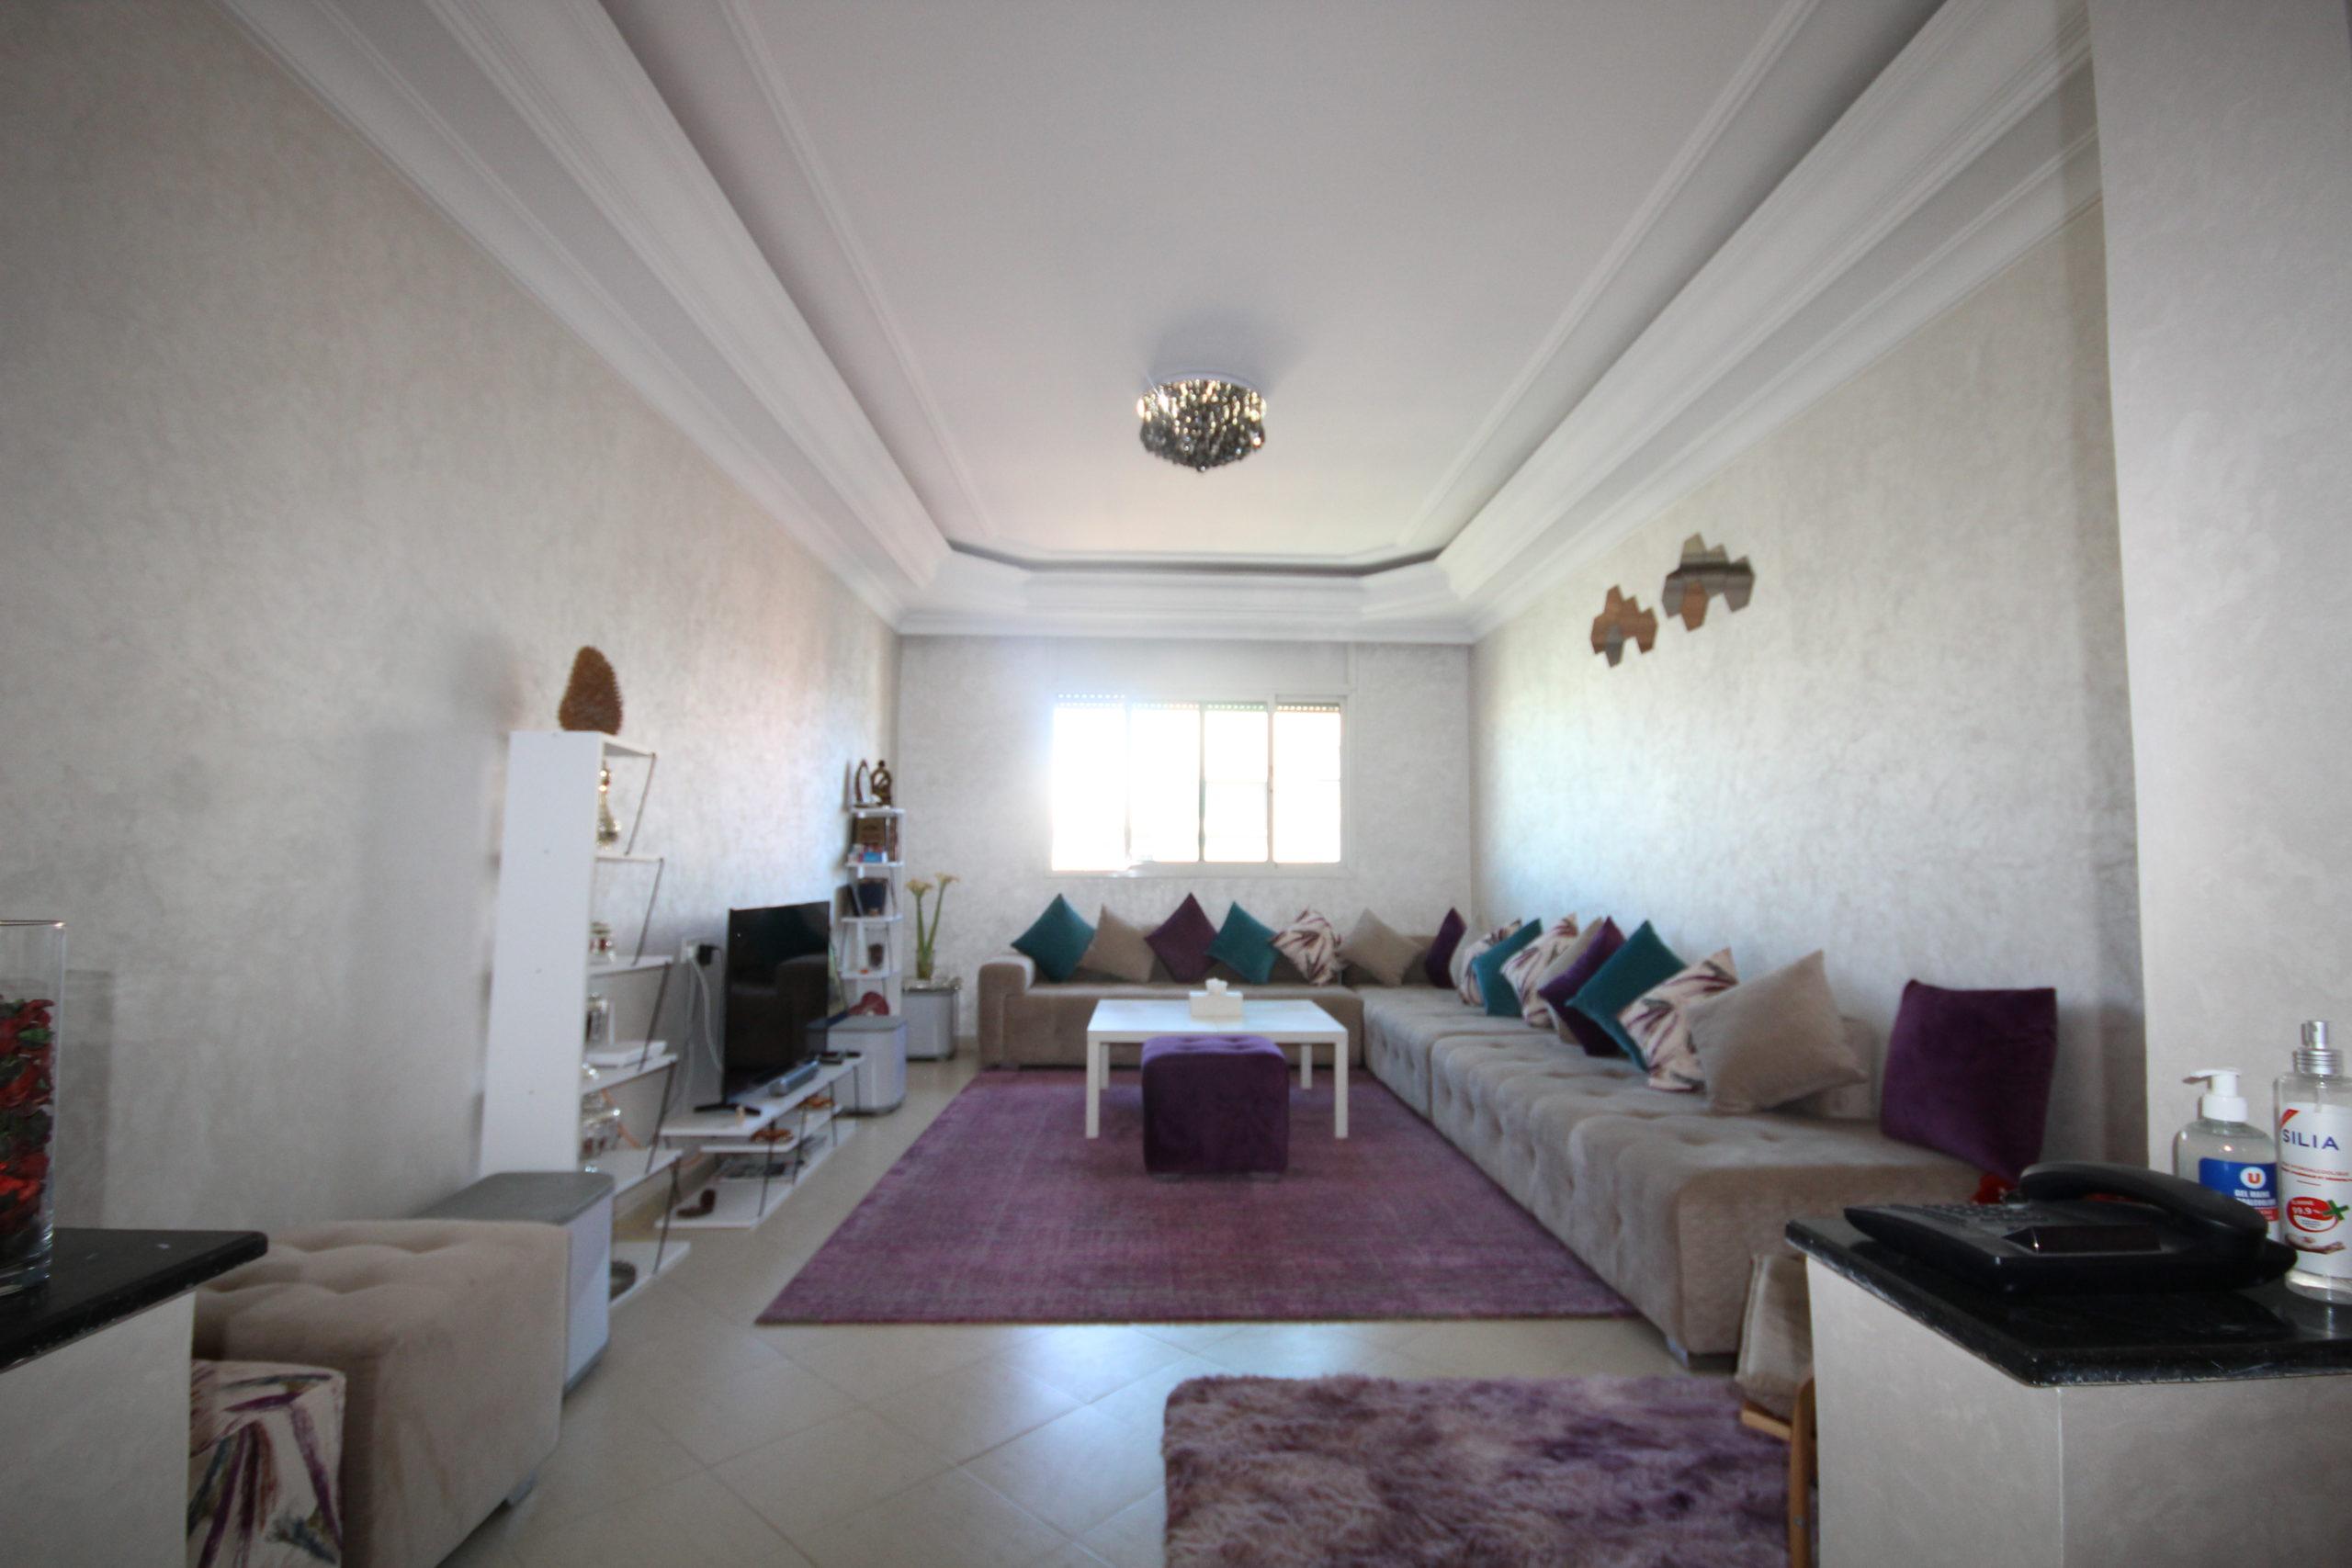 Casablanca Bel Appartement 3 ch sur Californie,  95 m² habitable, à très bon prix